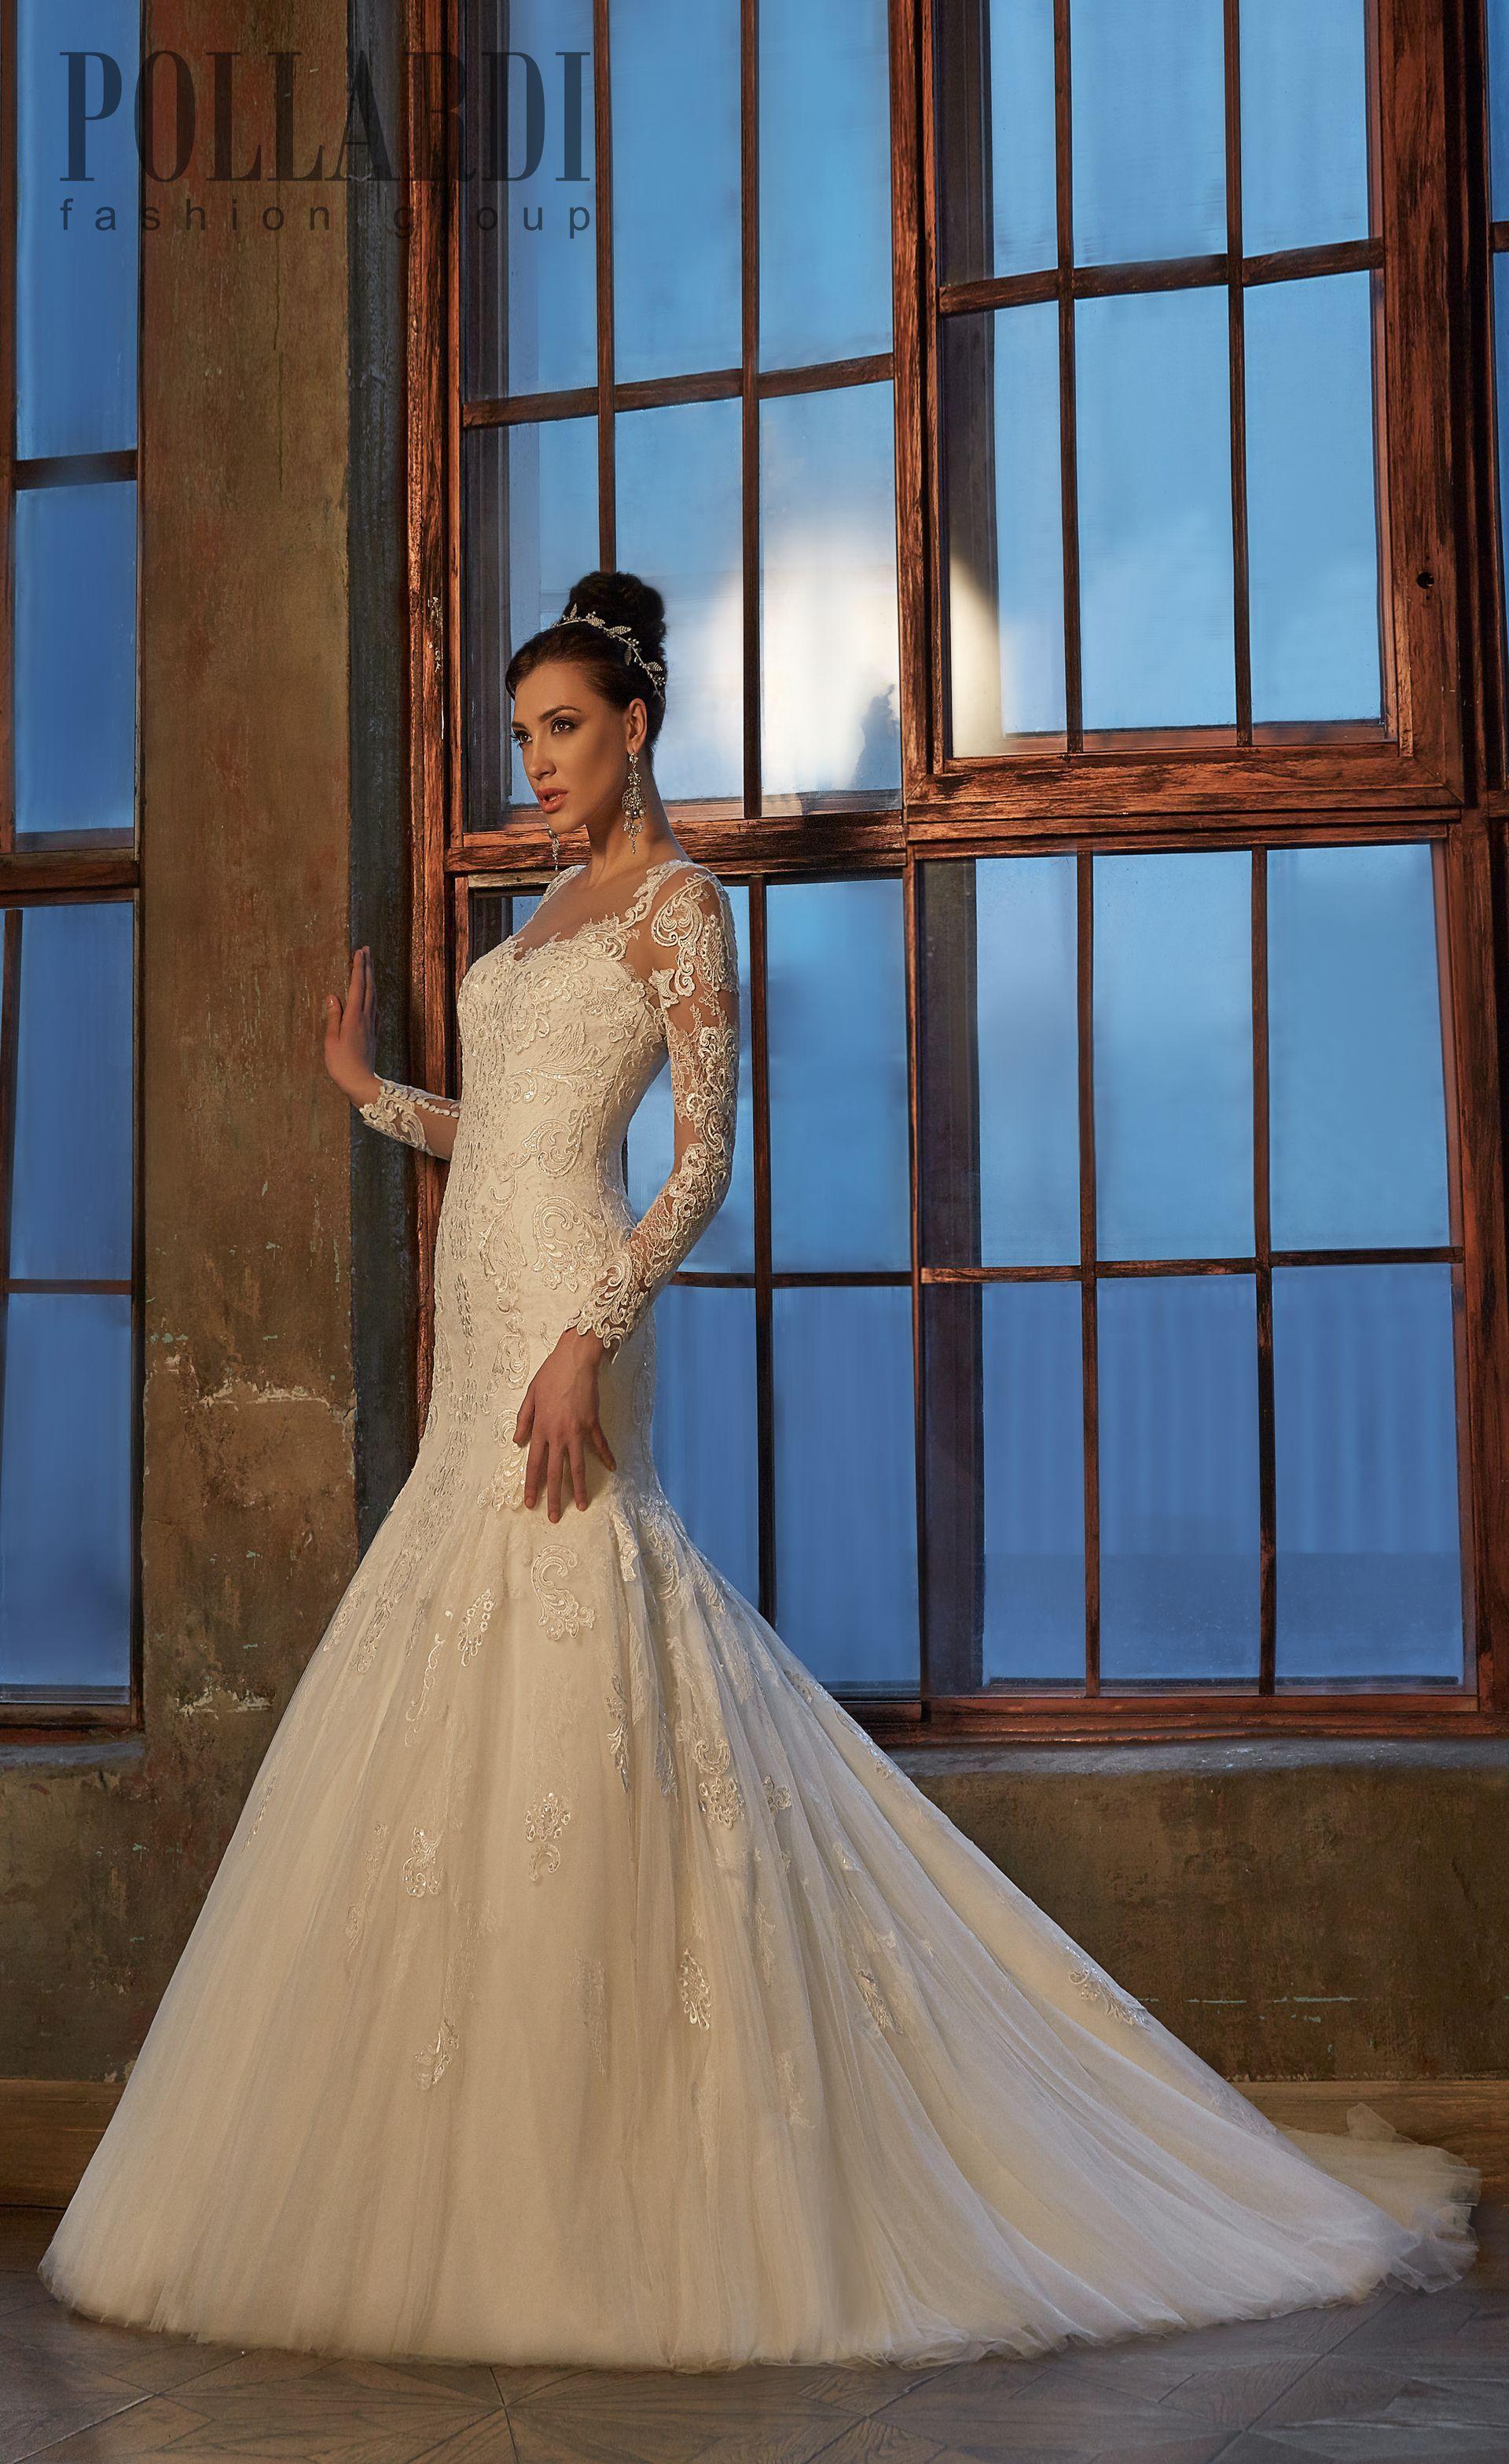 Elite wedding dresses  PL  Deba  Fit for a Bride Elite Bridal Boutique  Pinterest